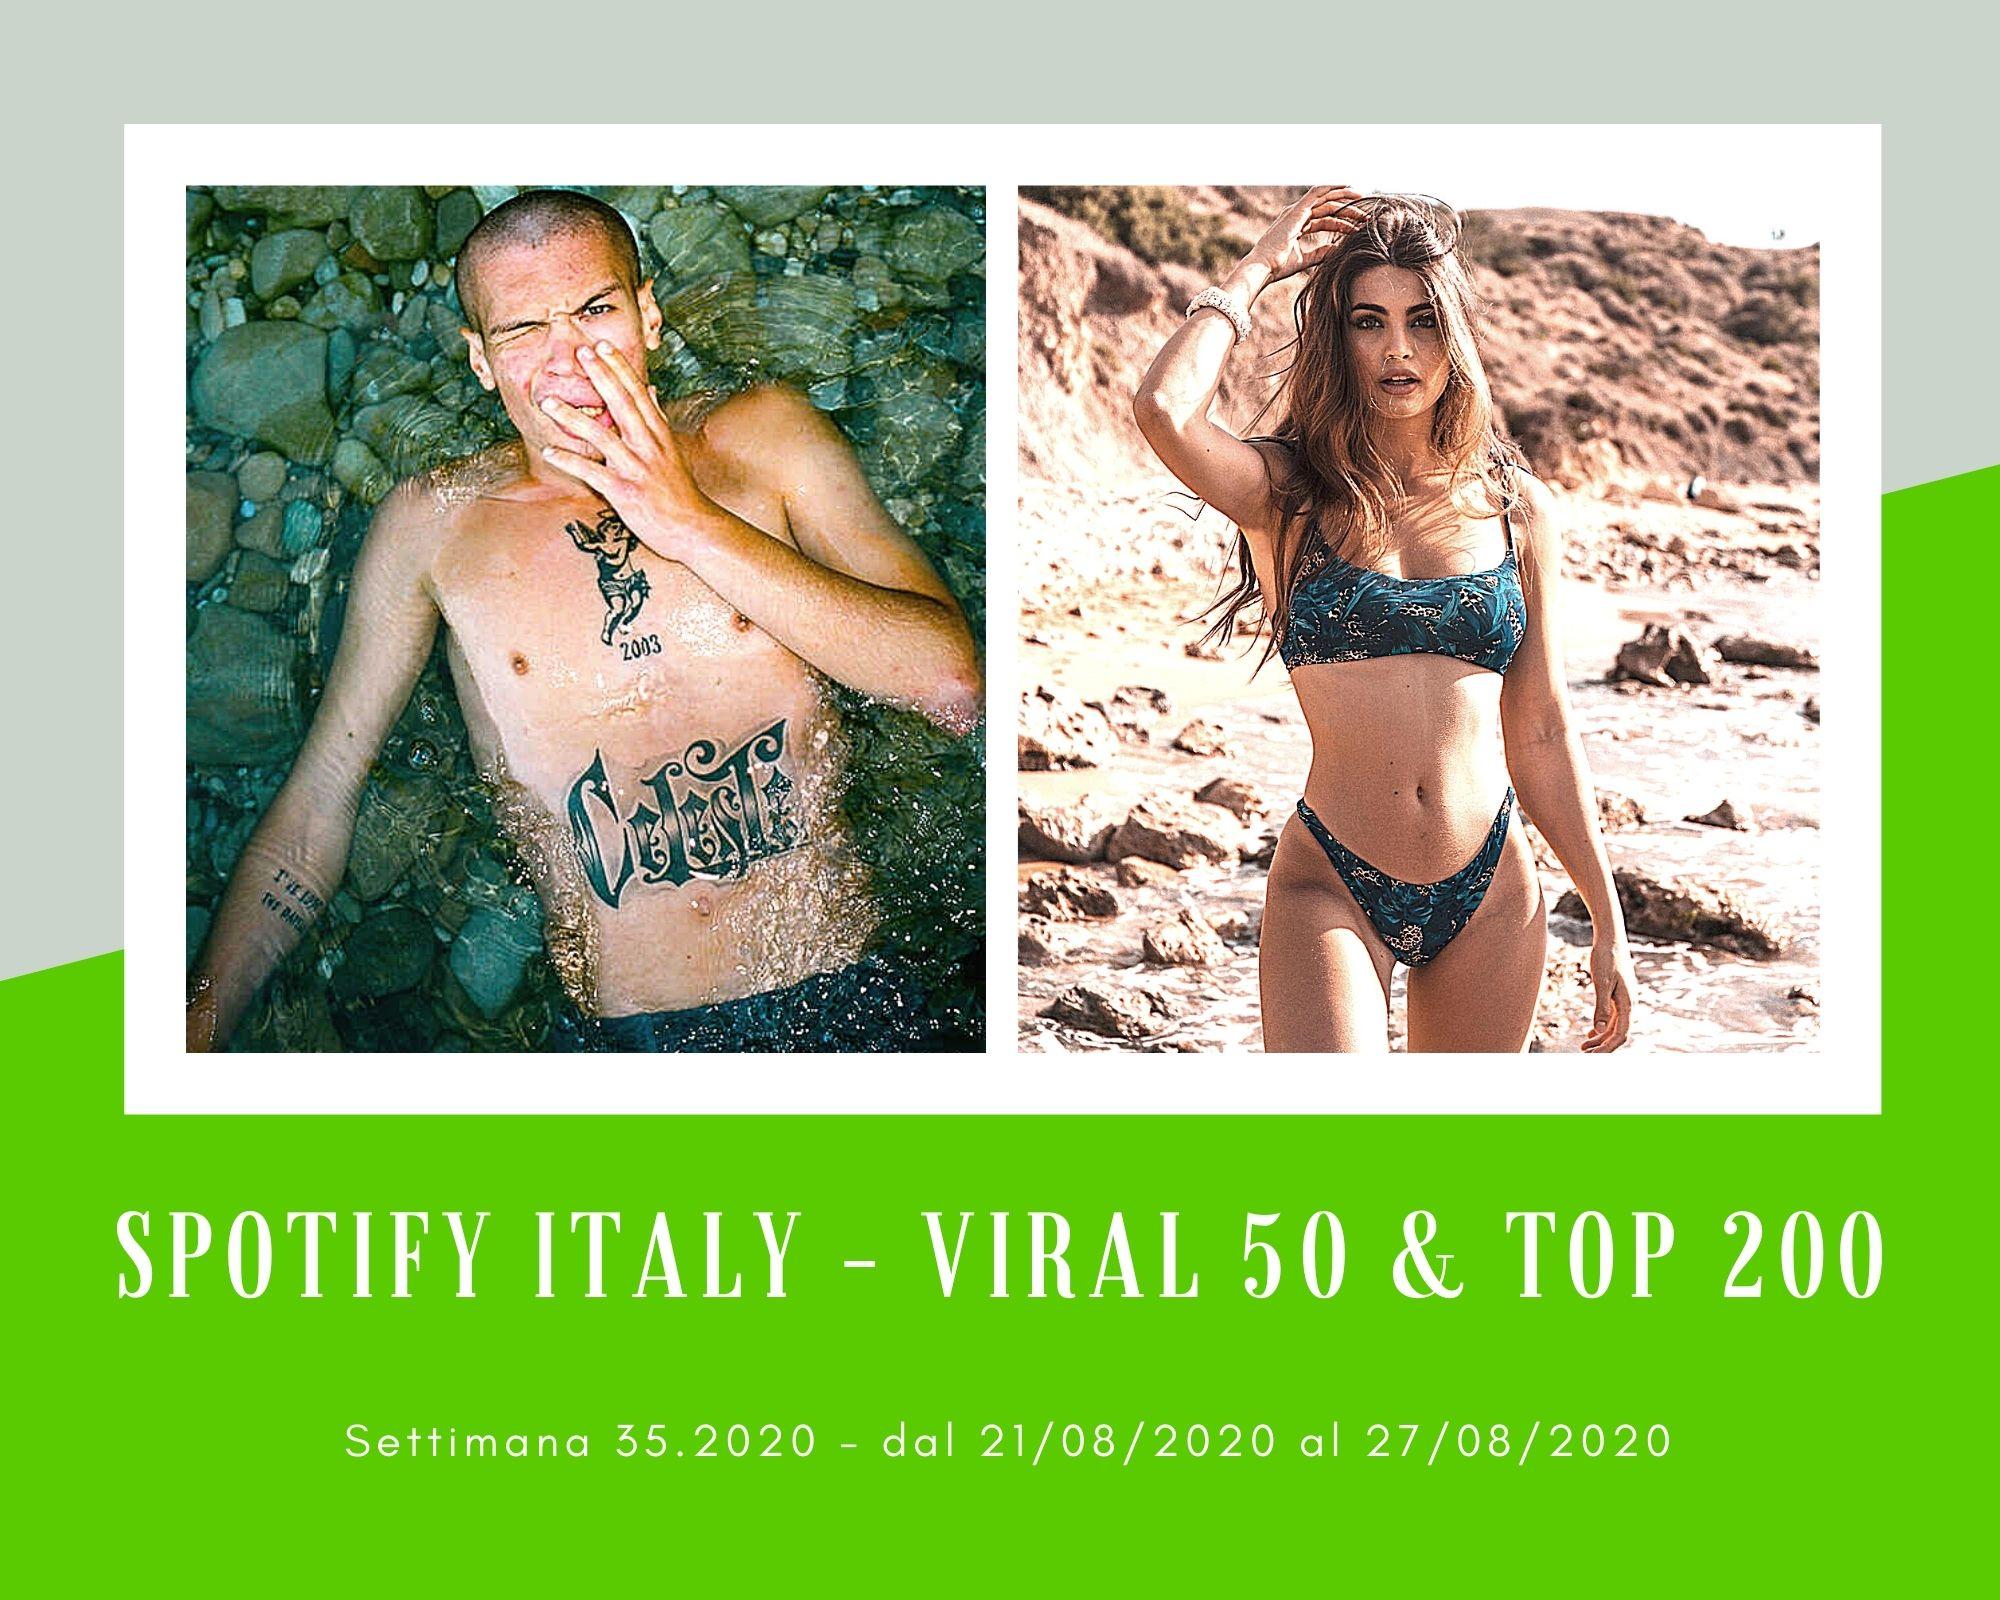 Classifica Spotify, week 35: Non solo Aiello, tra le rivelazioni d'estate anche Blanco e Emma Muscat